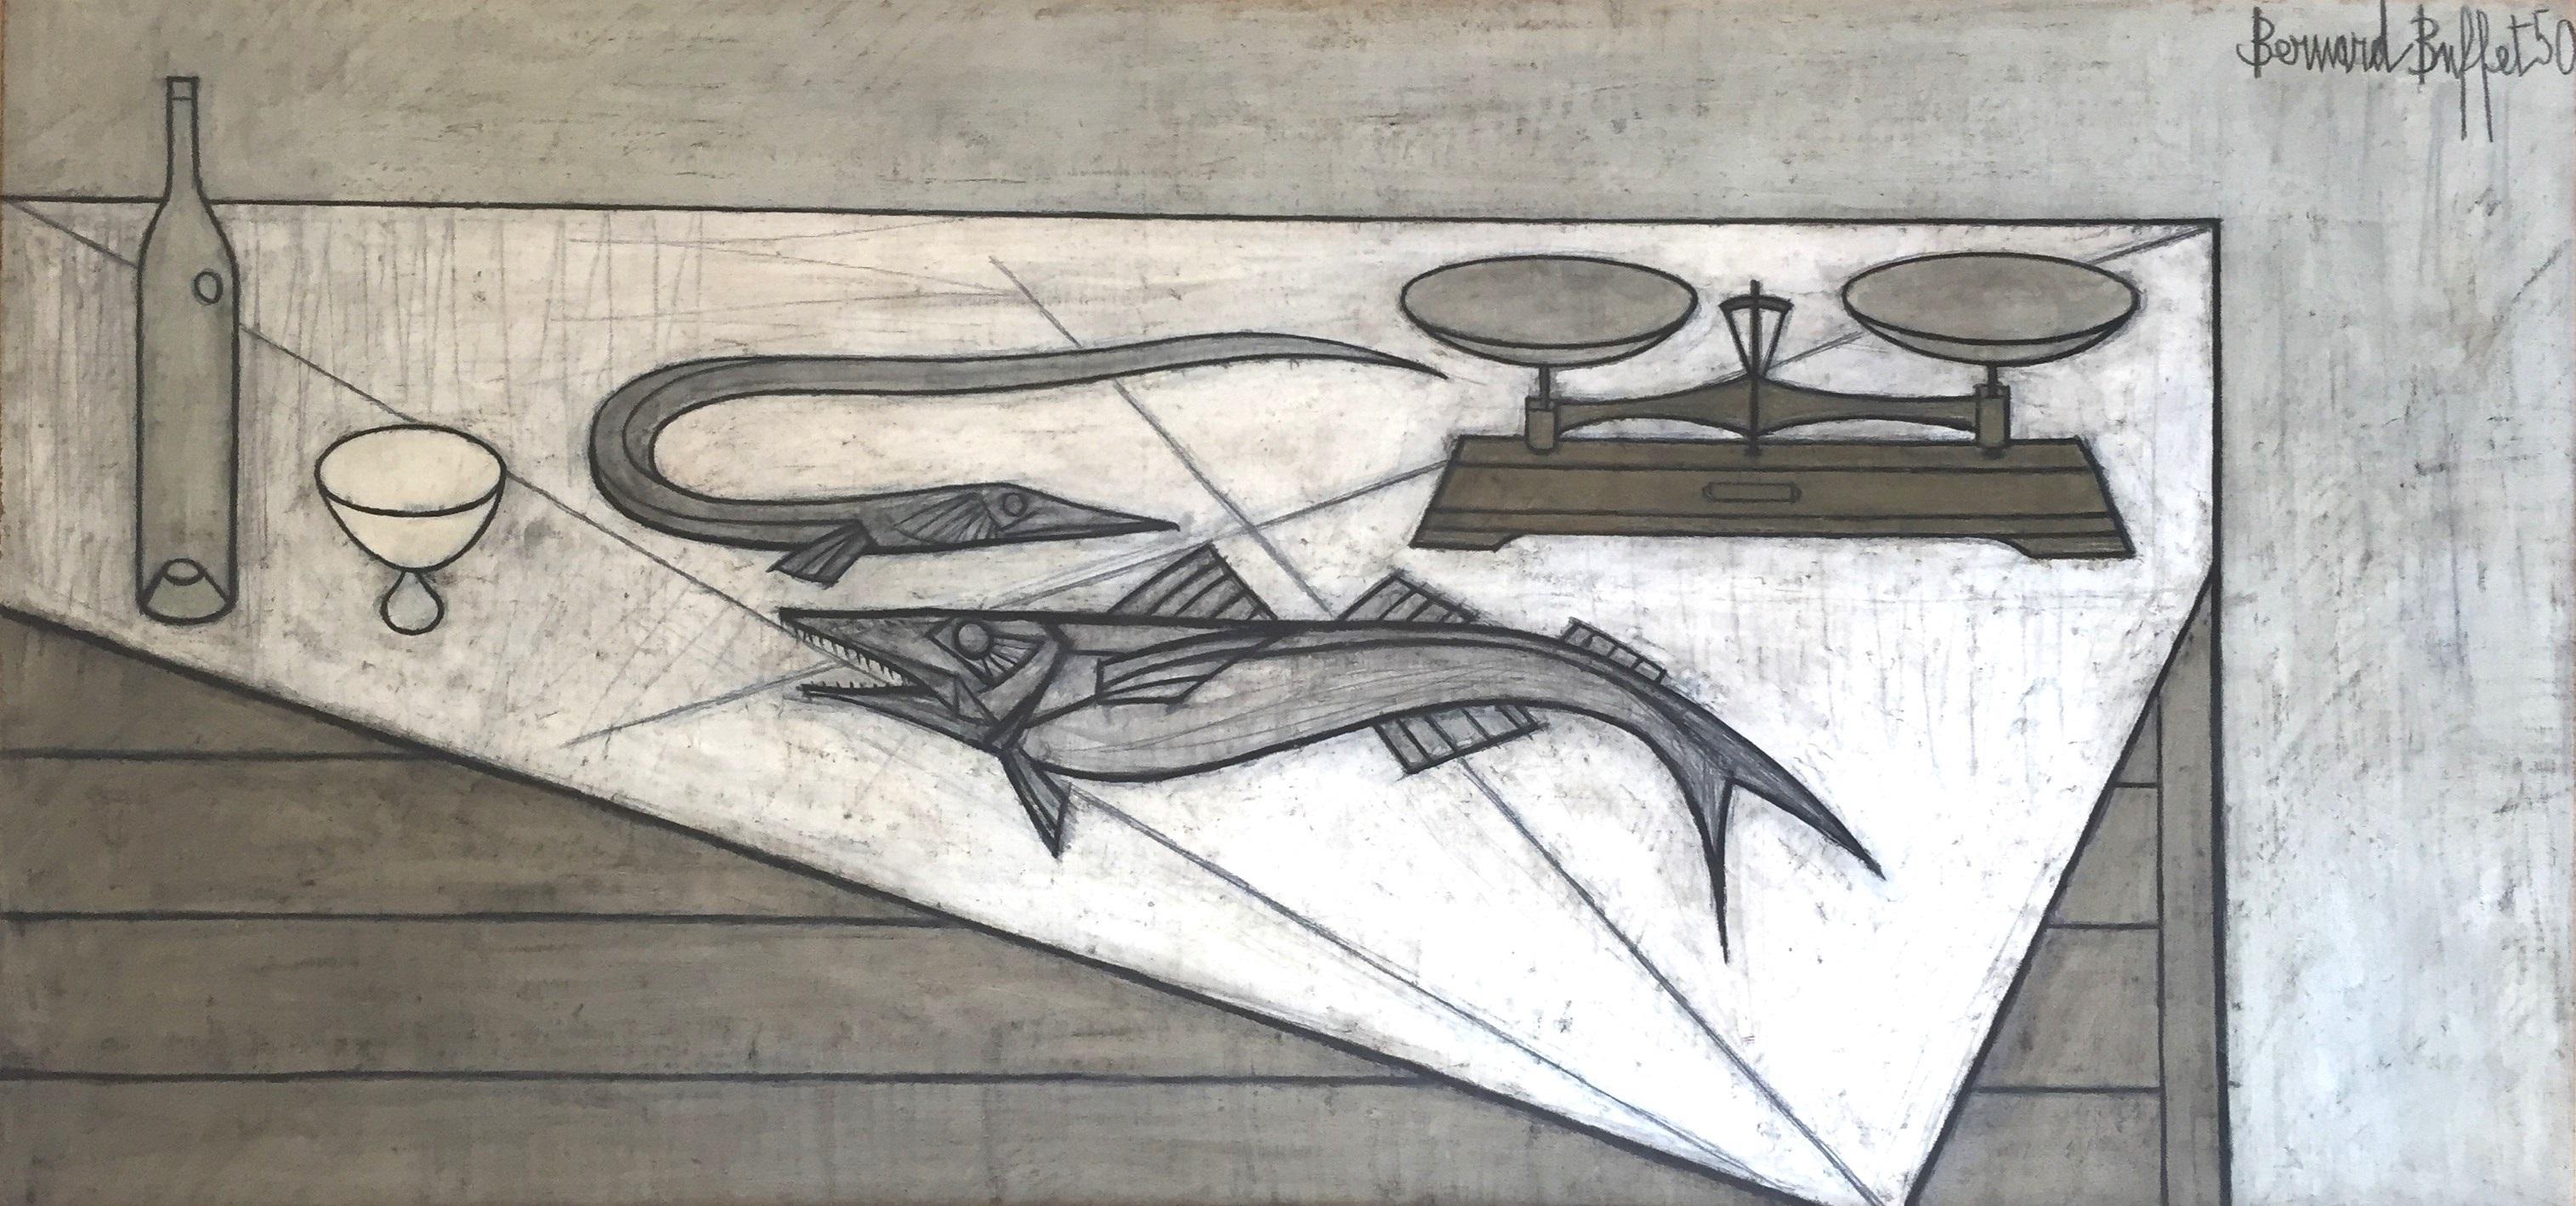 Poisson et Balance by Bernard Buffet on artnet